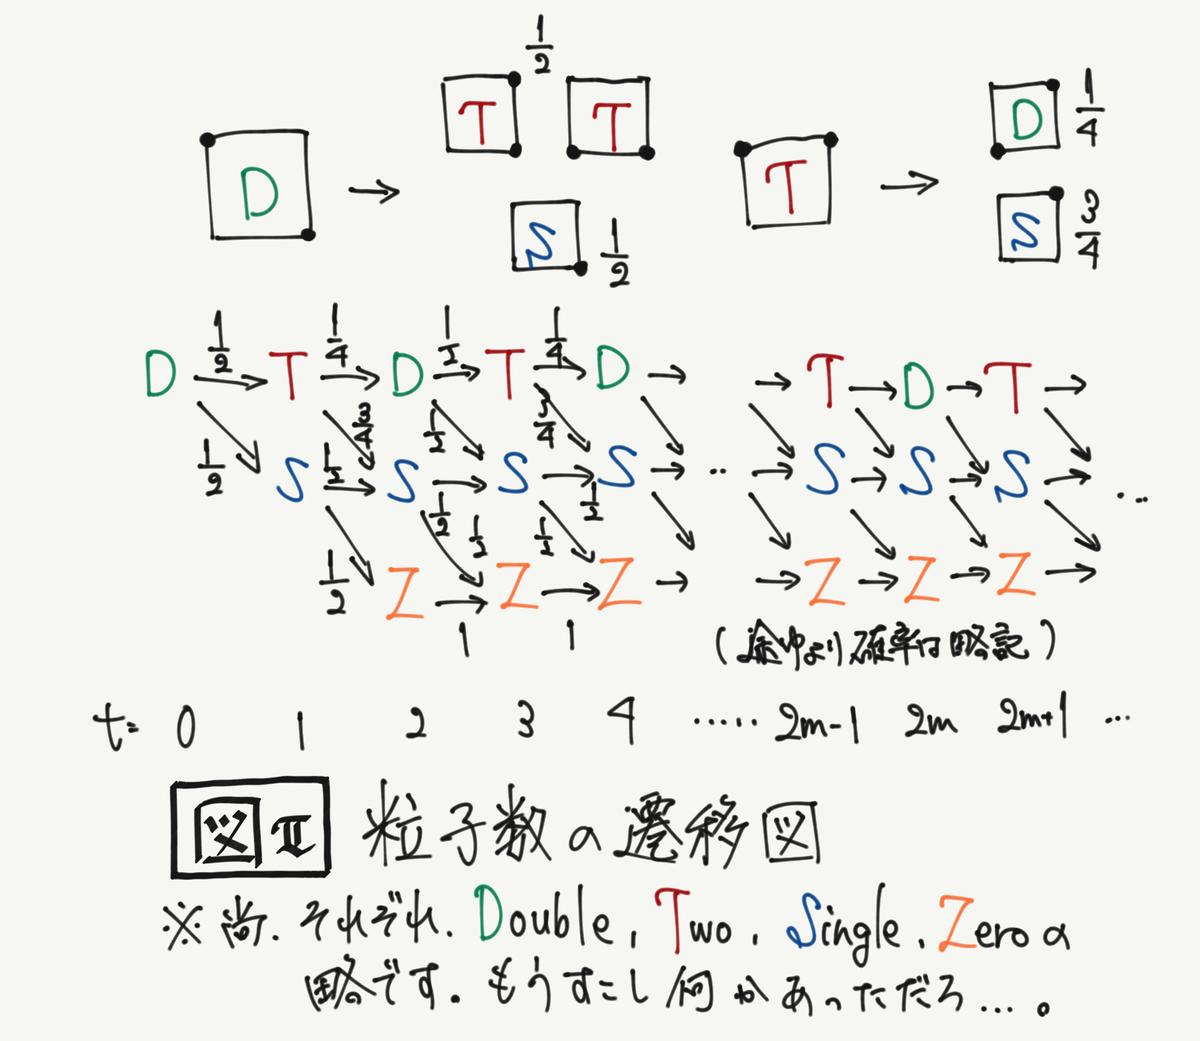 f:id:ryu_uts3:20200704231743j:plain:w250:right